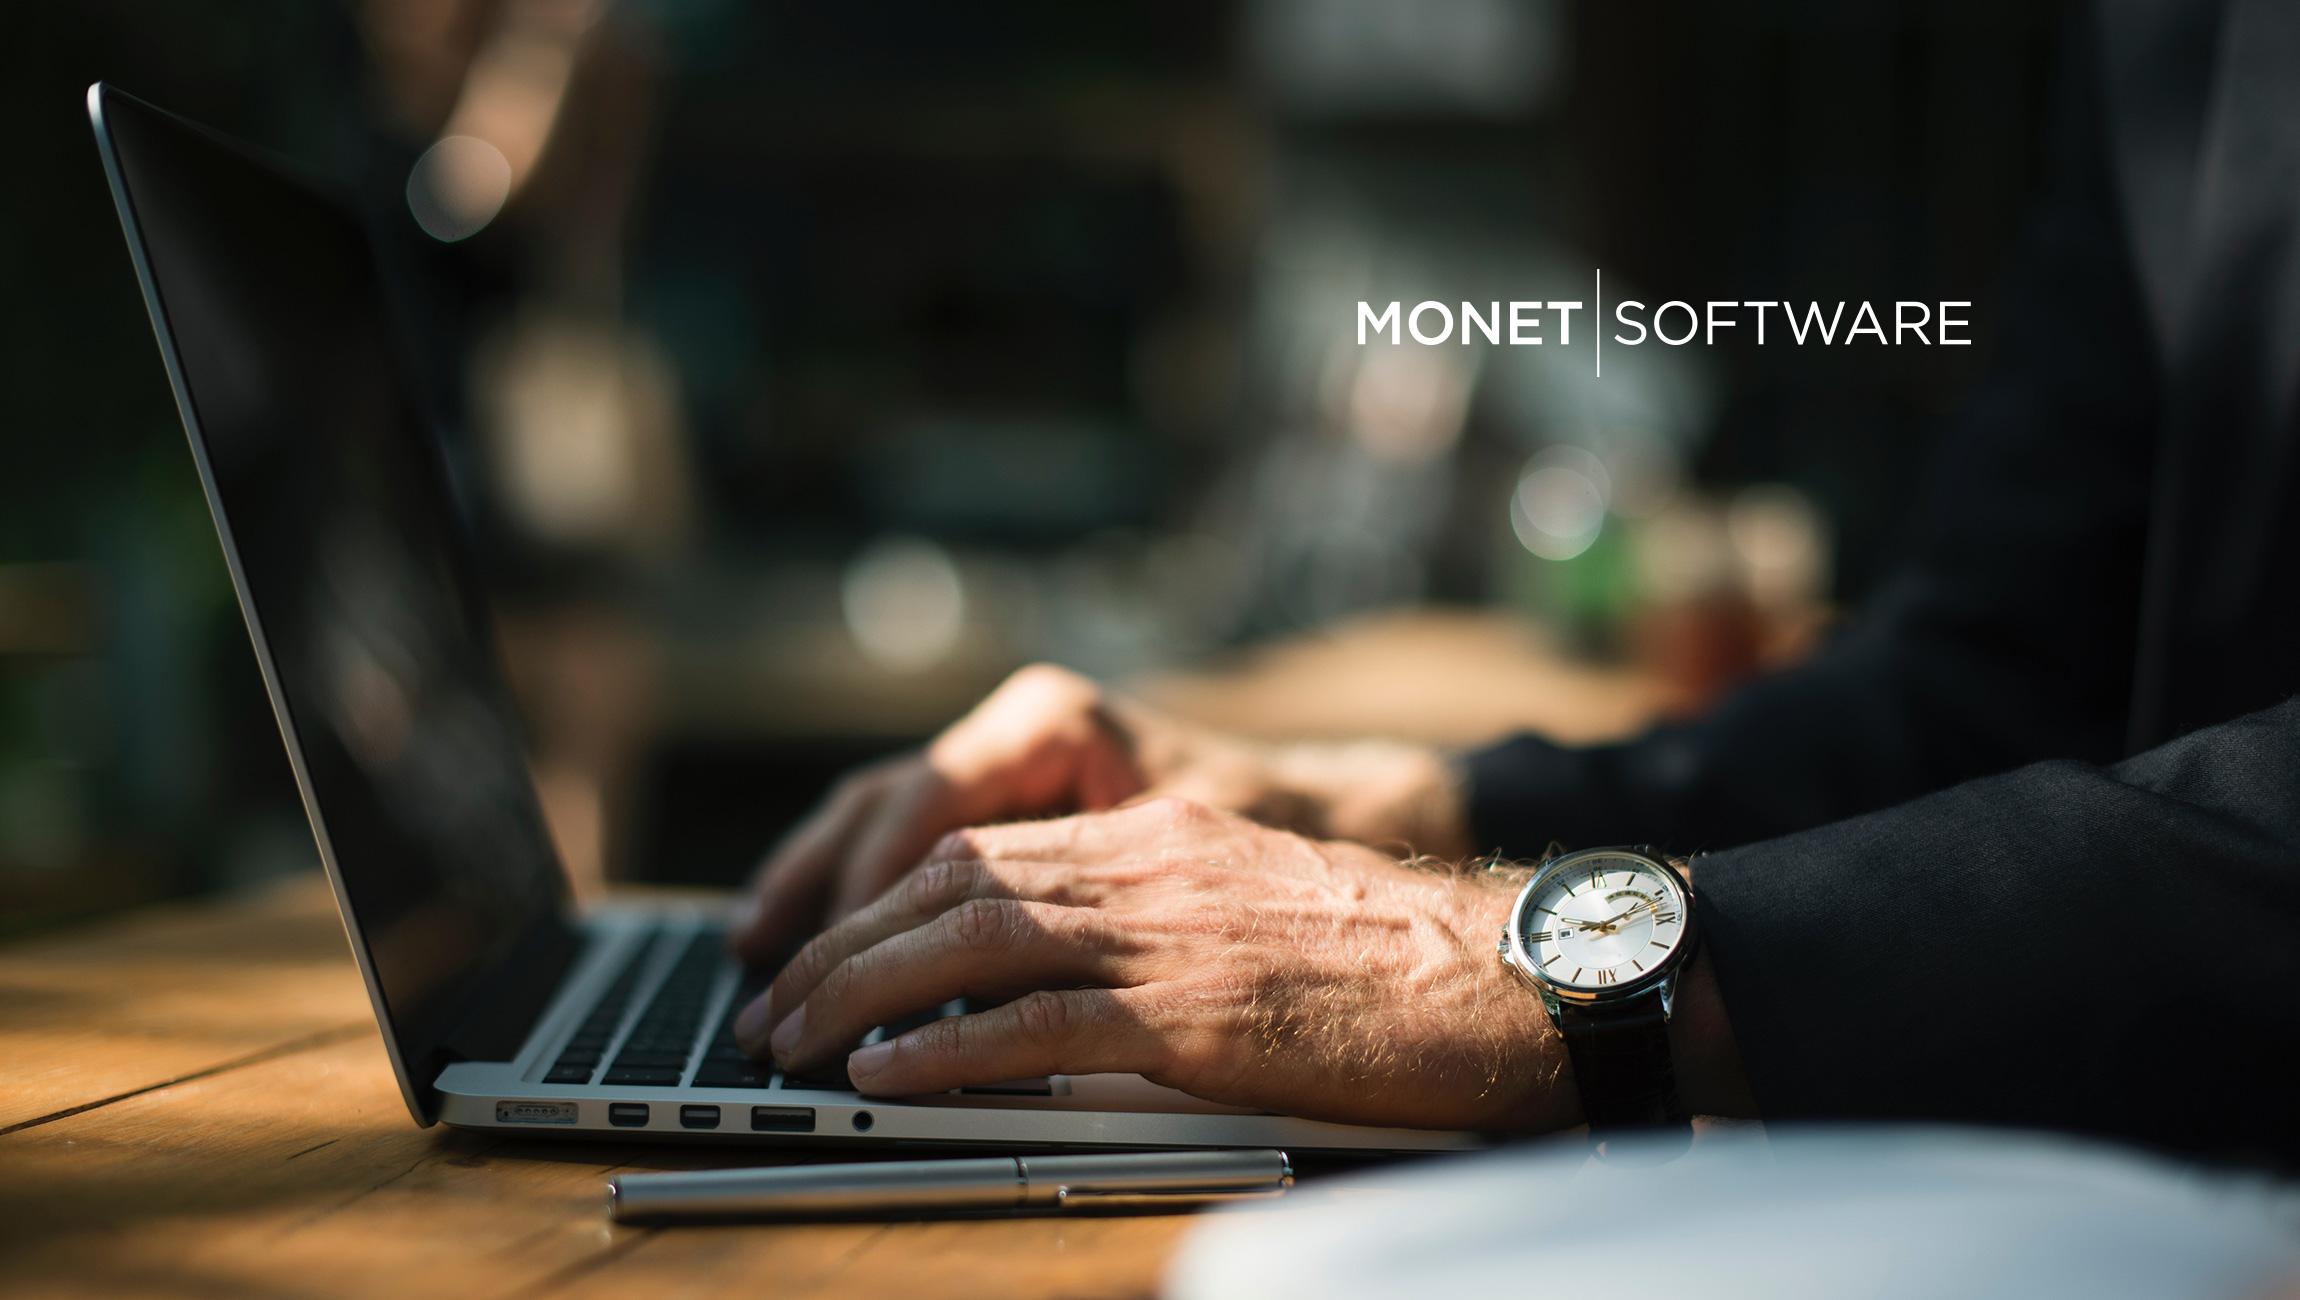 Monet Software